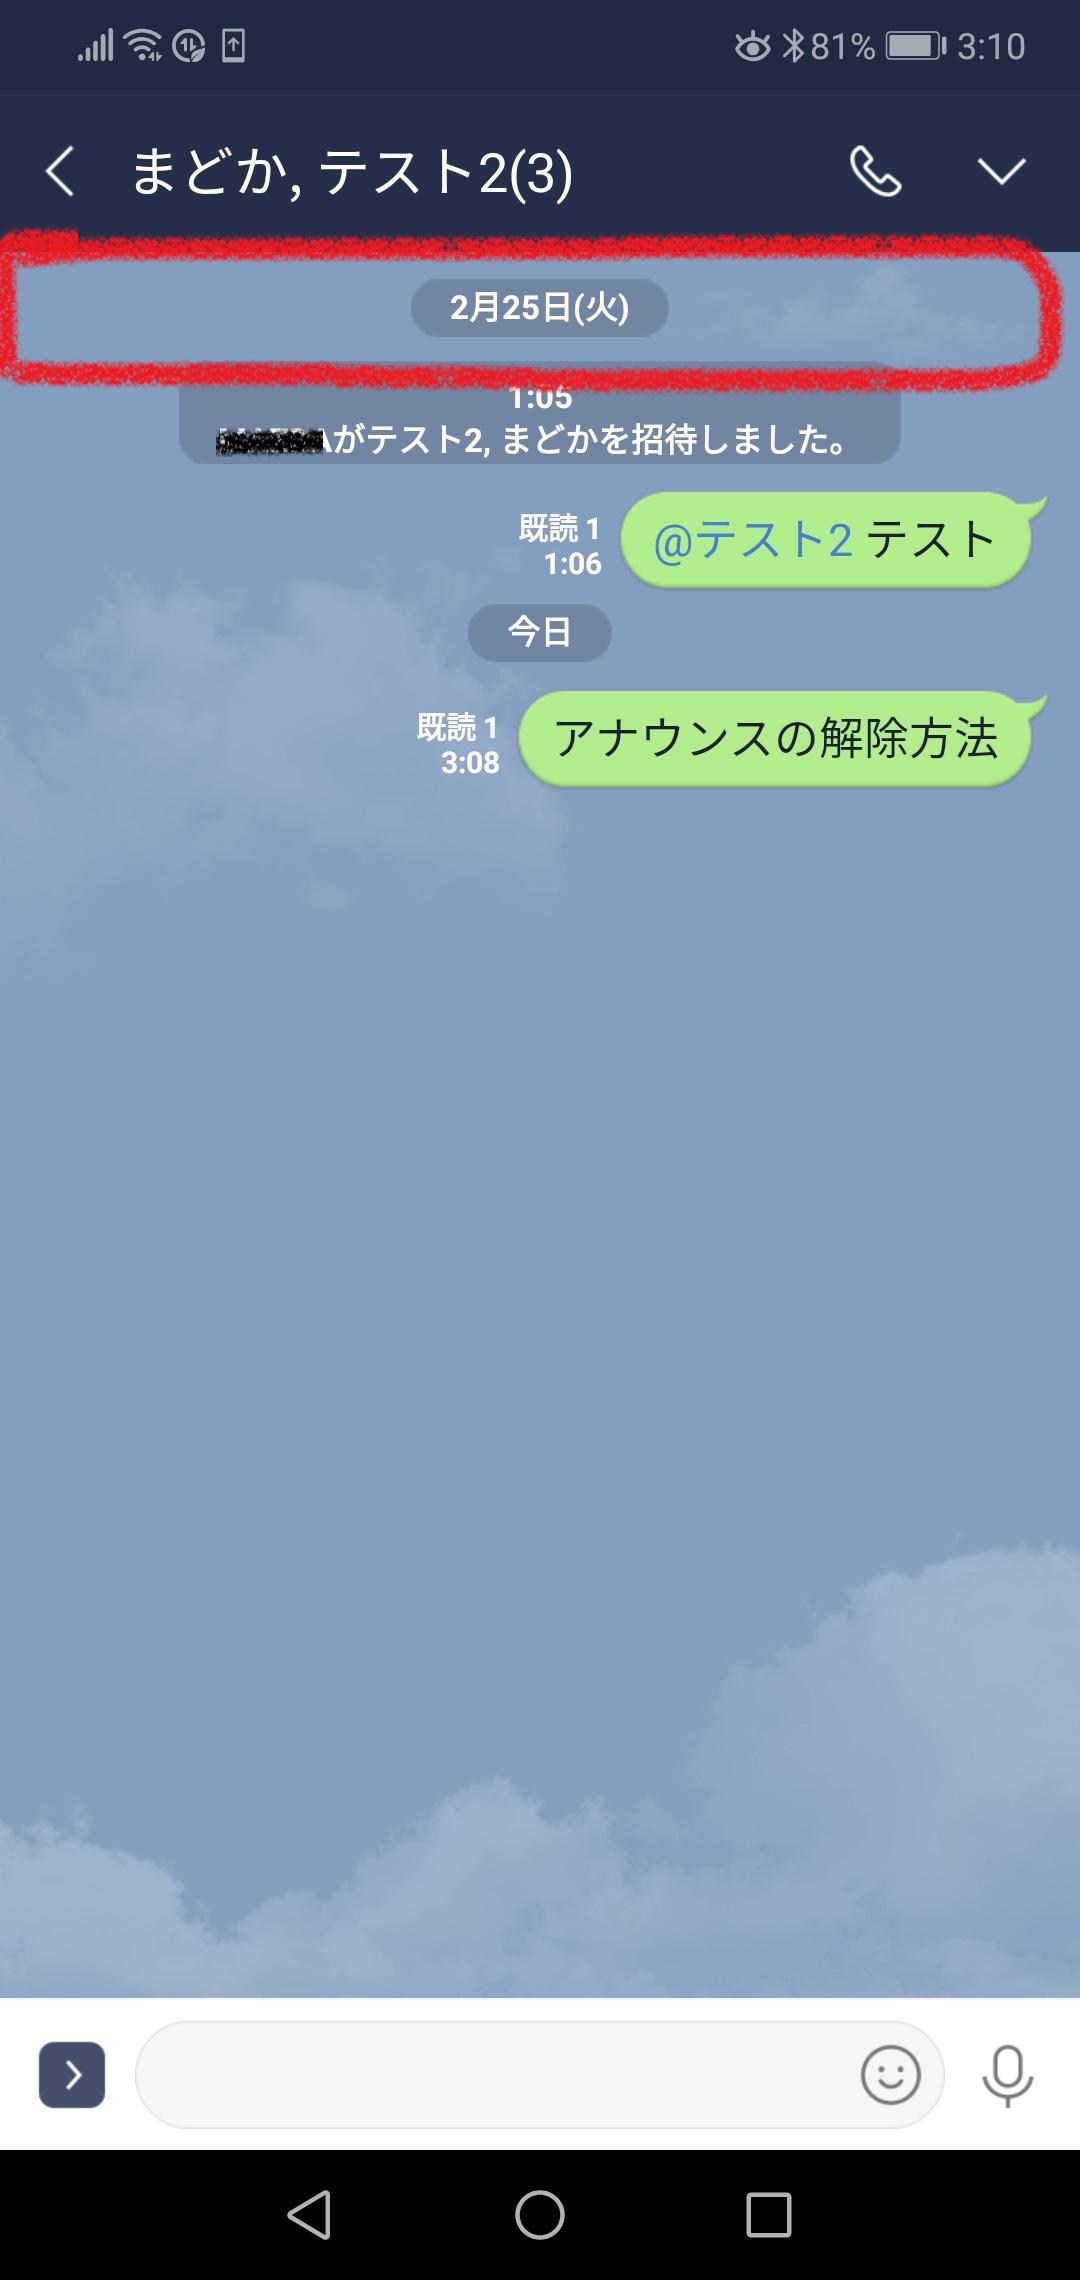 消し方 line アナウンス